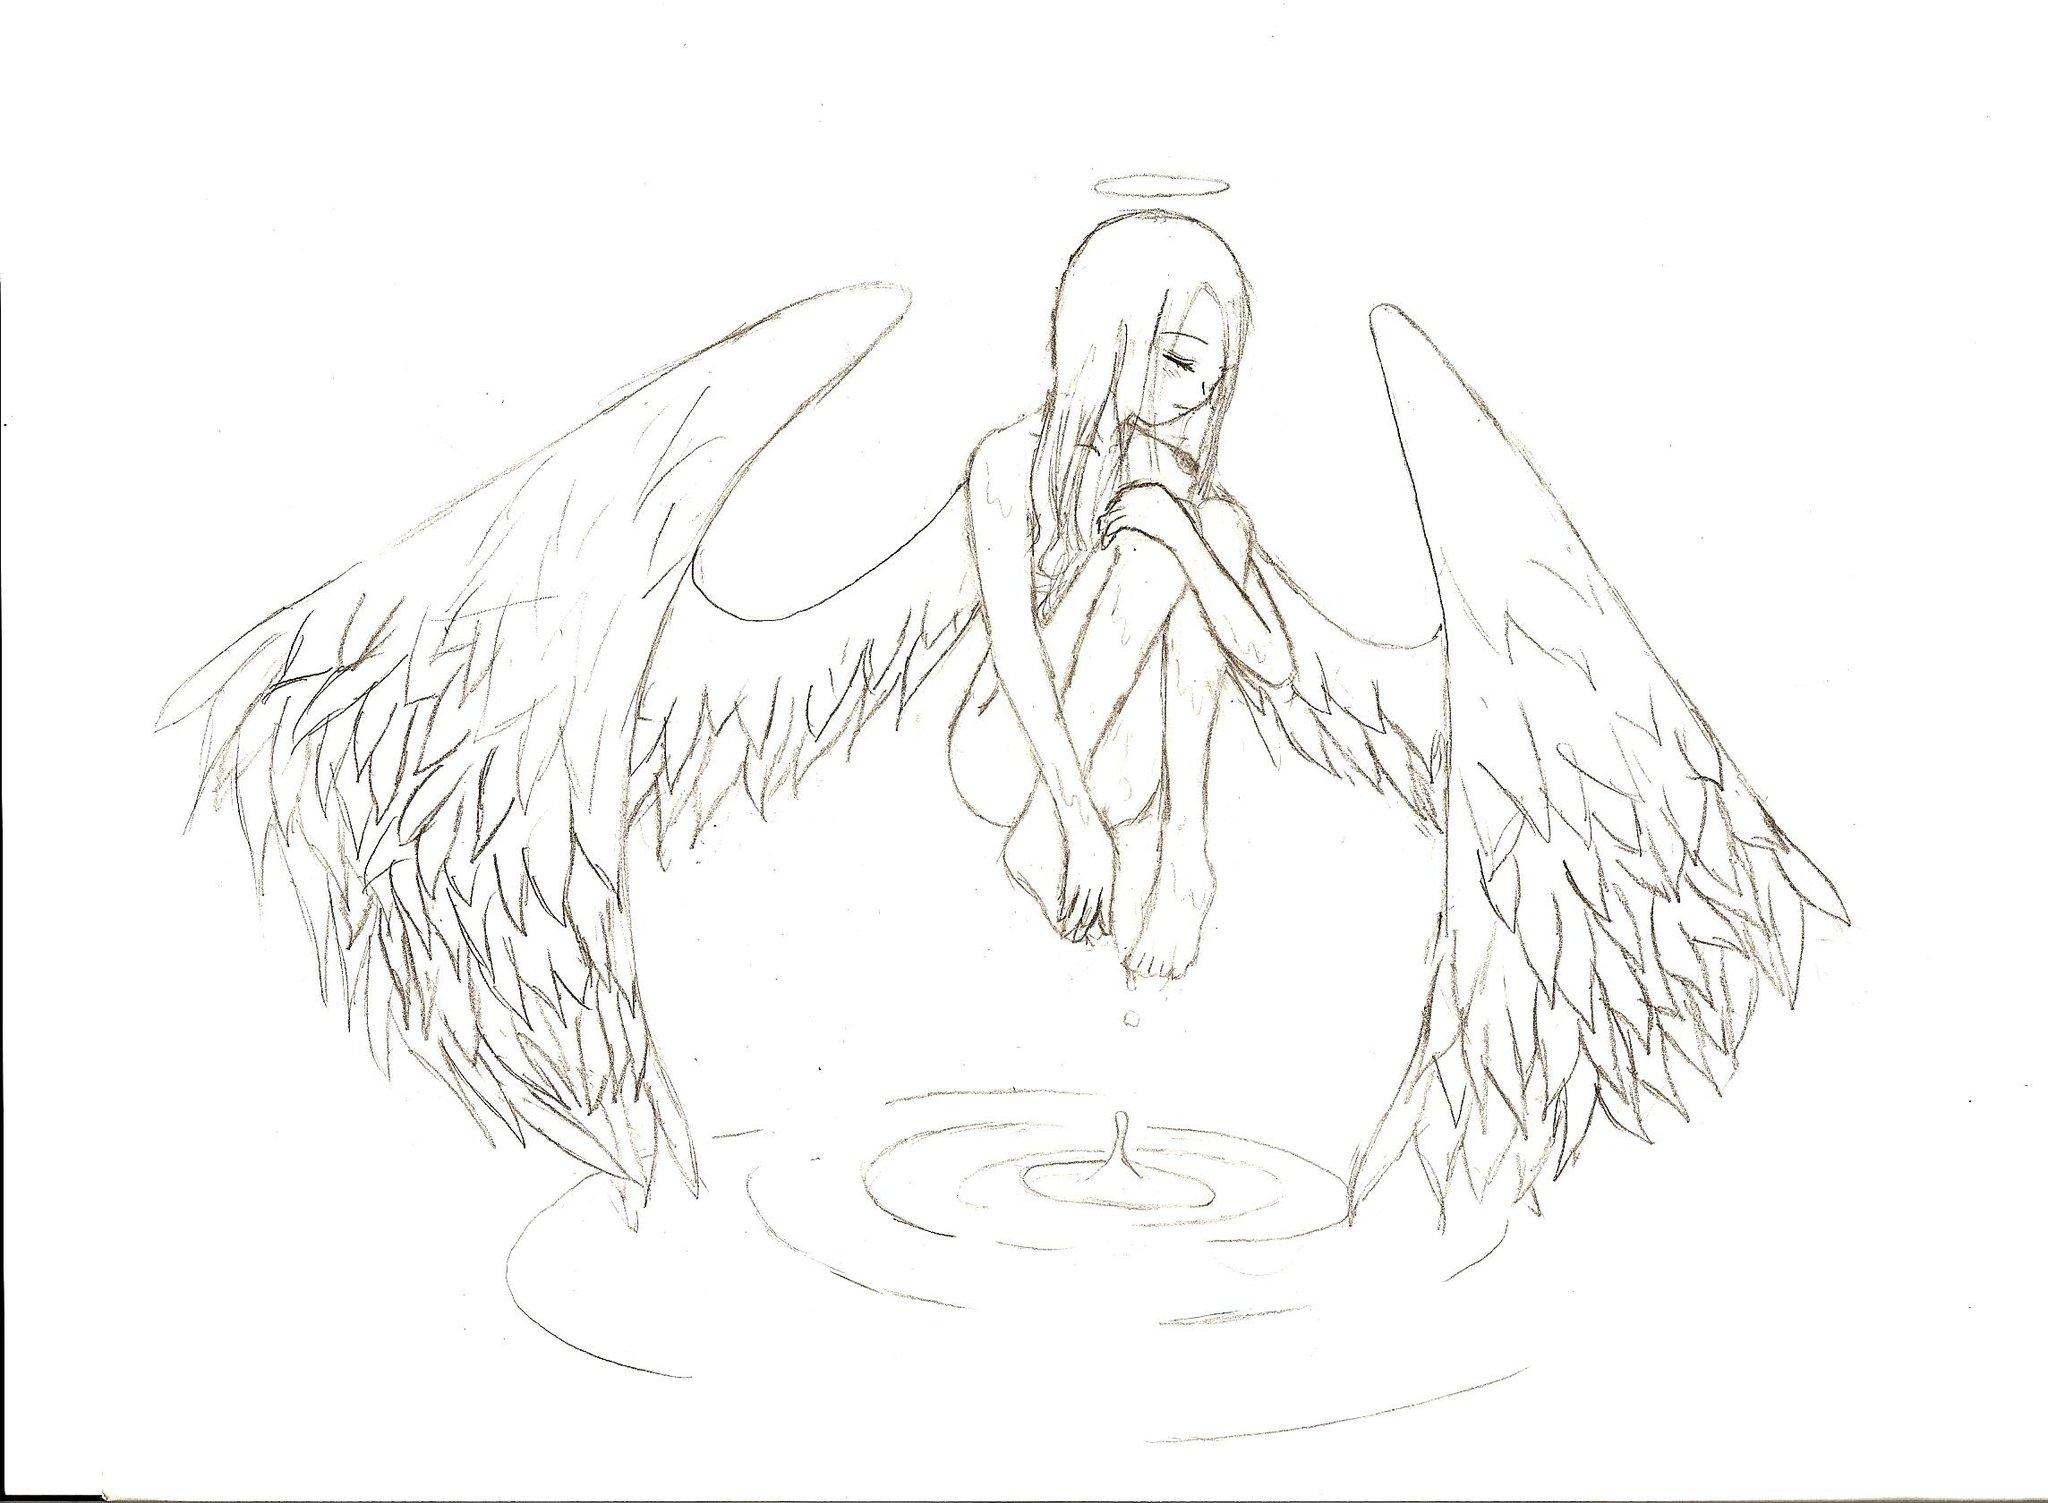 краснодарского картинки или рисунки ангелов карандашом его помощью можешь